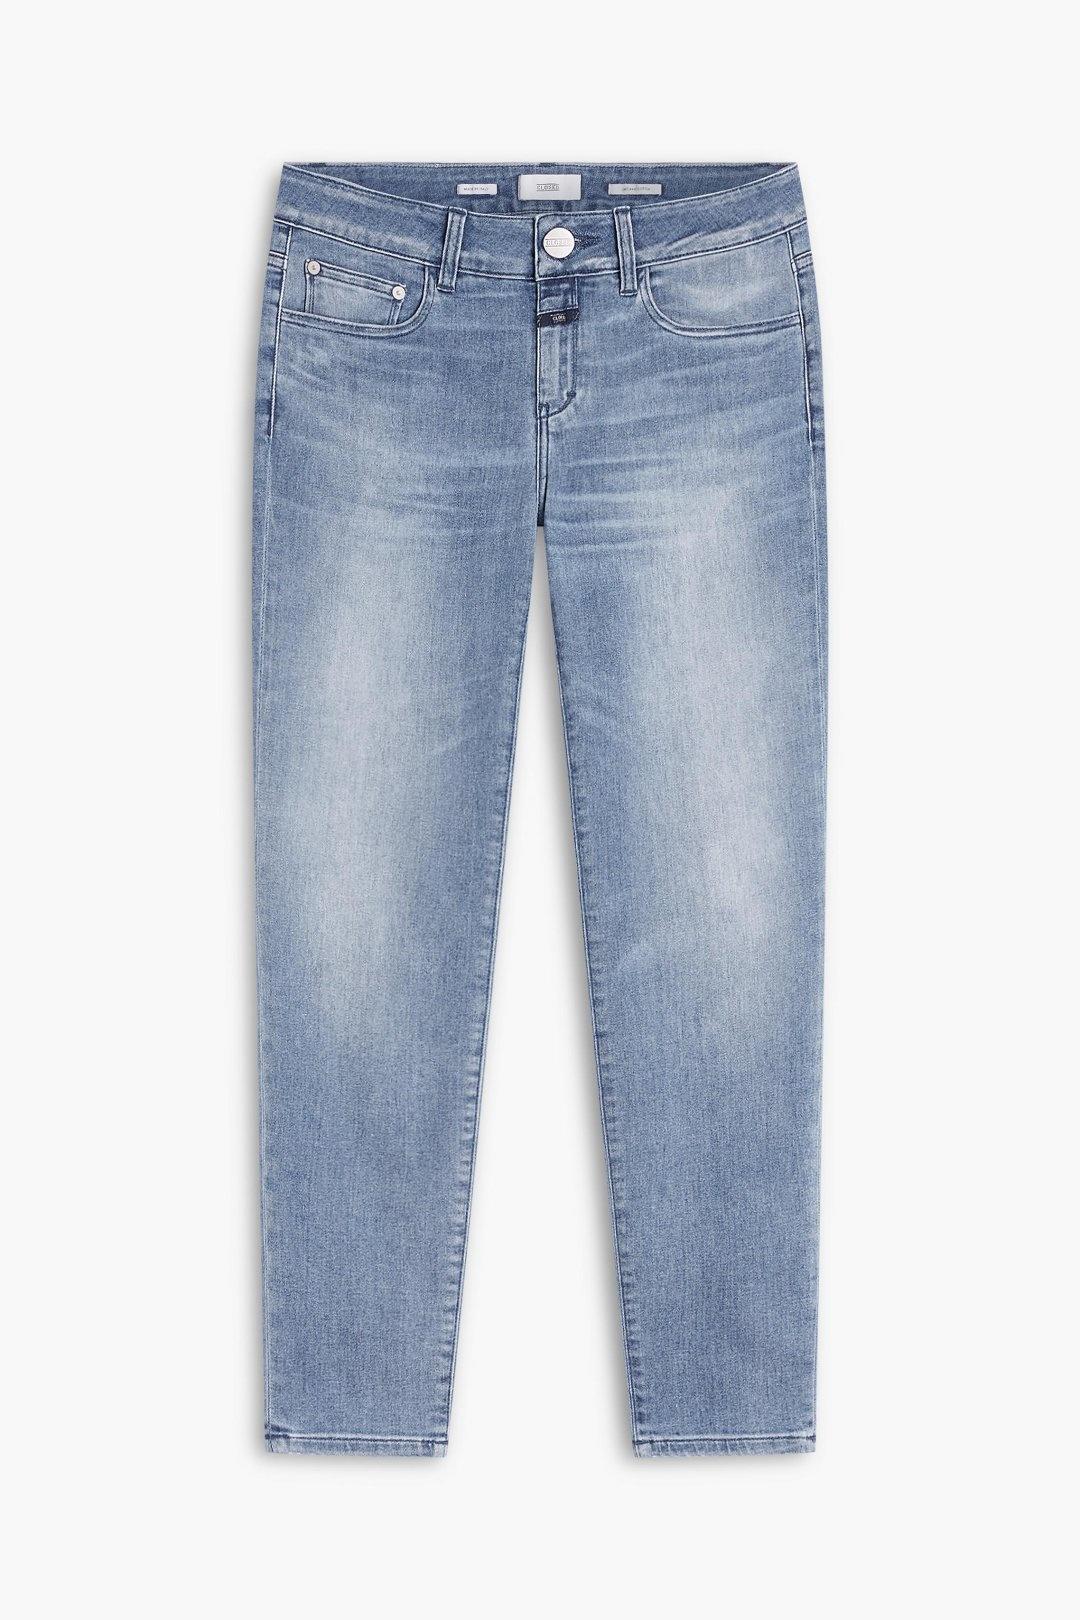 Closed Jeans C91833 06E 33-5